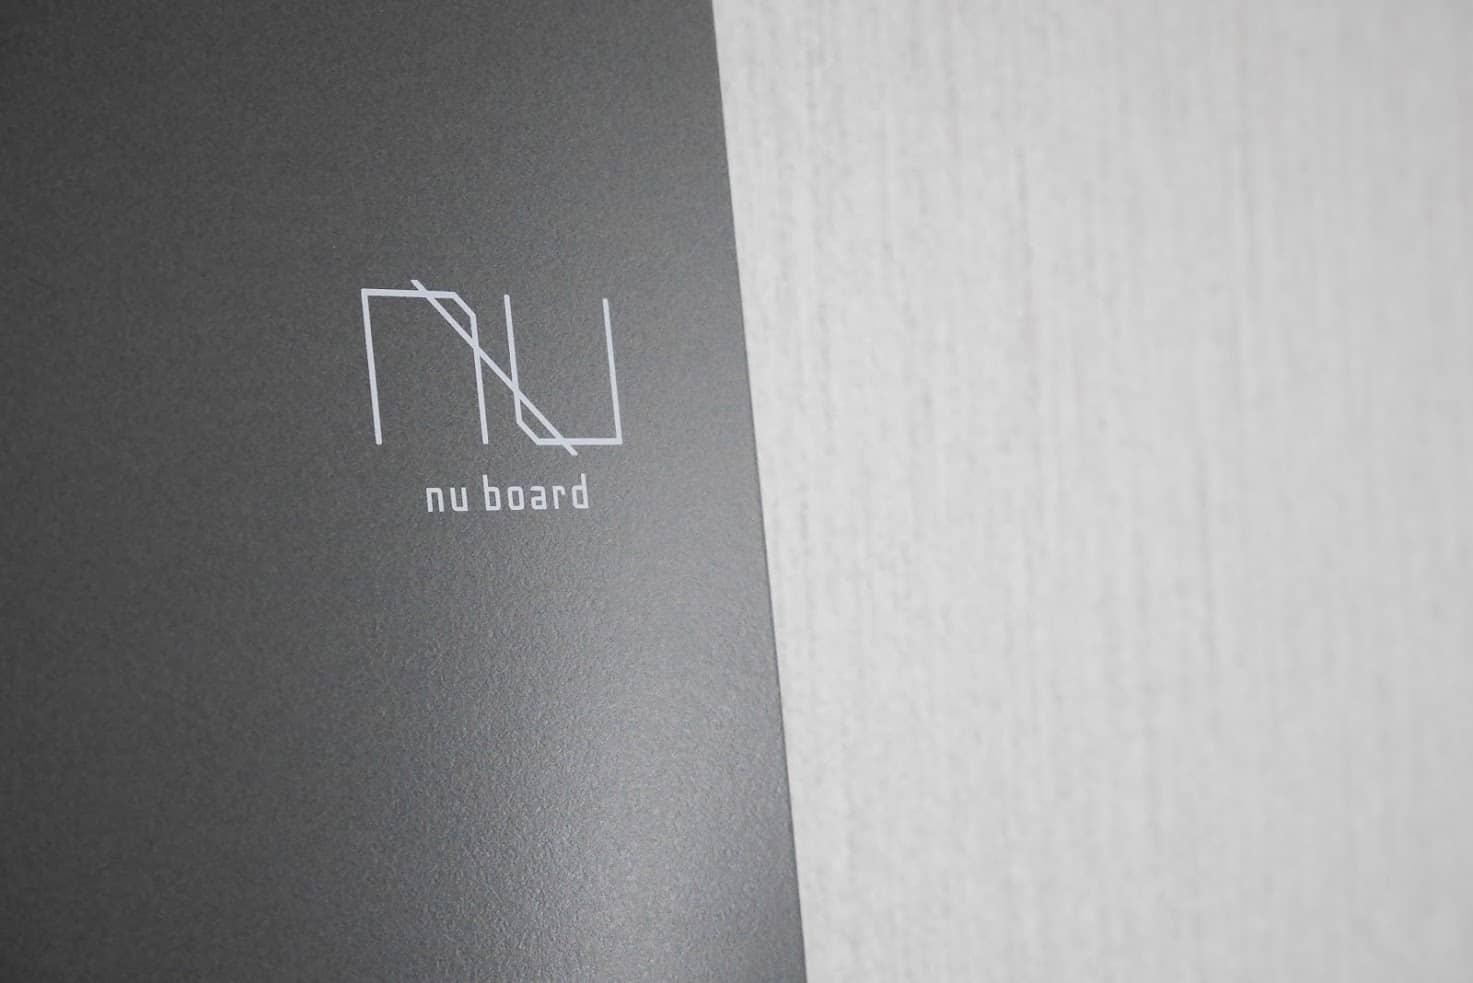 nu board-ロゴ